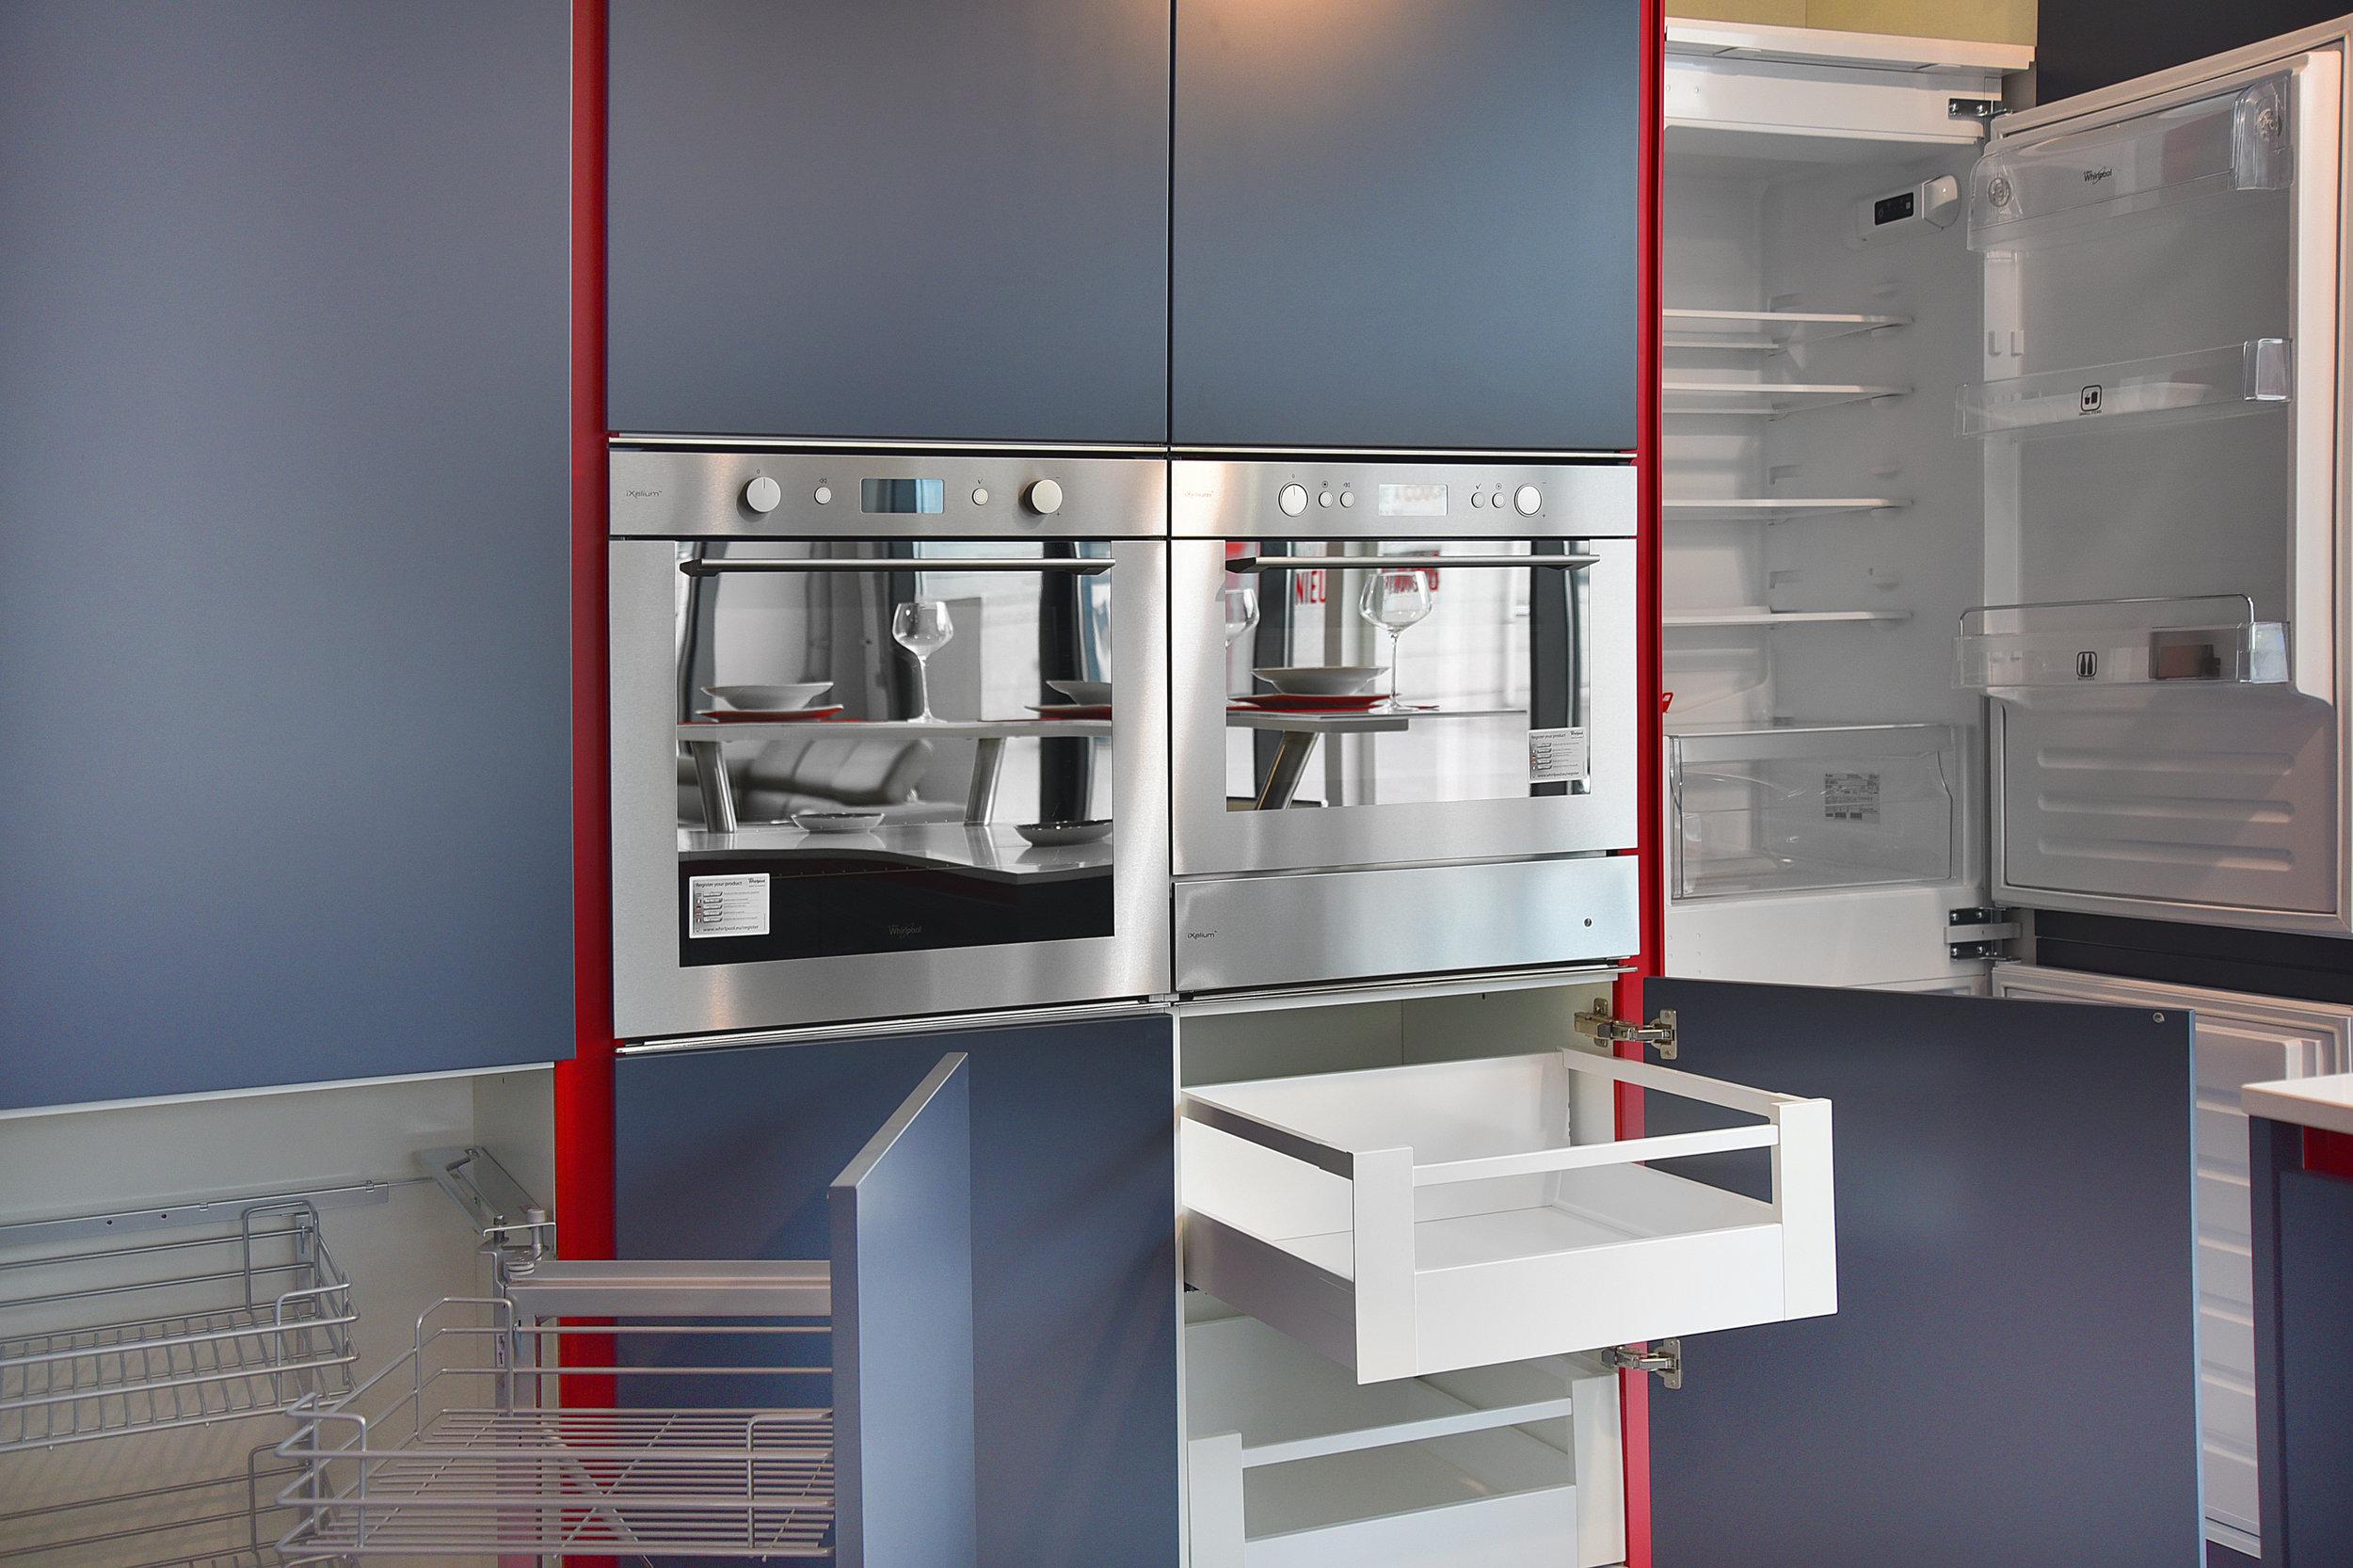 cucina 01 - 06.jpg